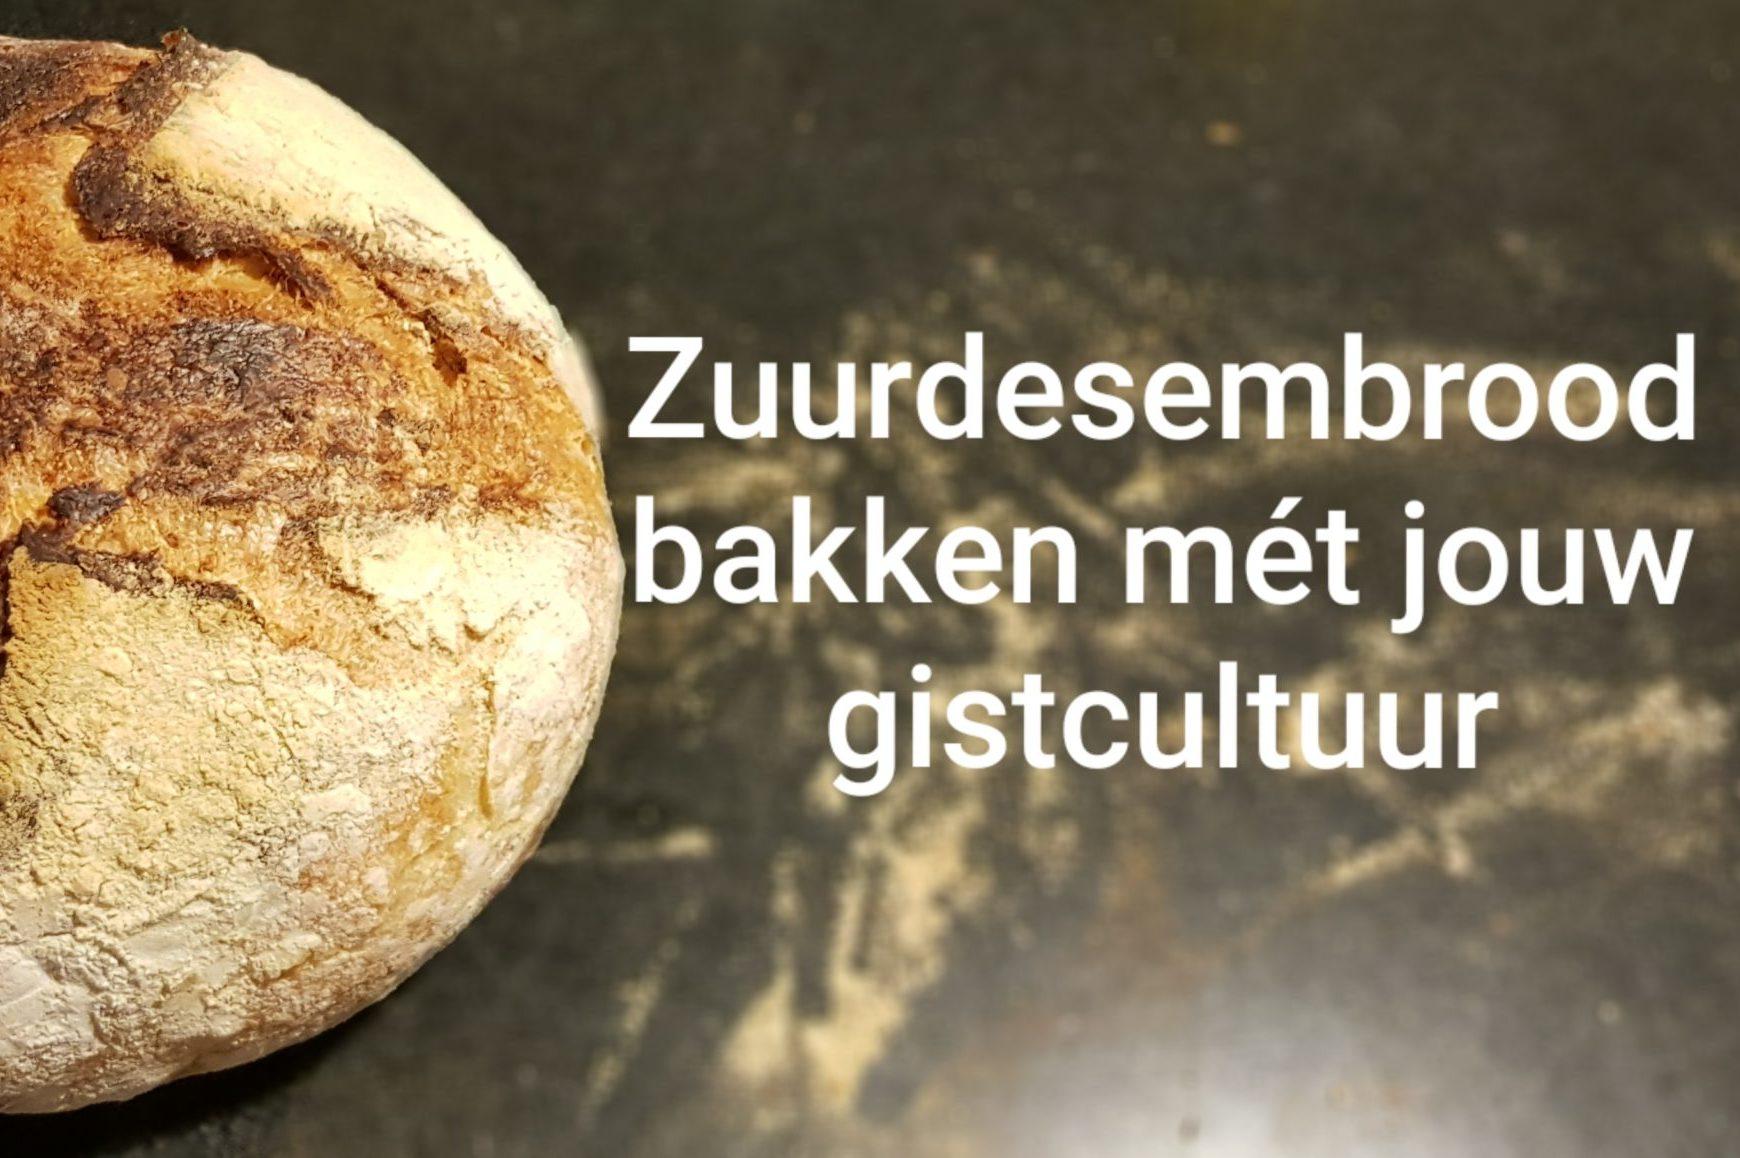 In de cursus Zuurdesem broden bakken leer je alles over het bakken van zuurdesembrood met je eigen gistcultuur